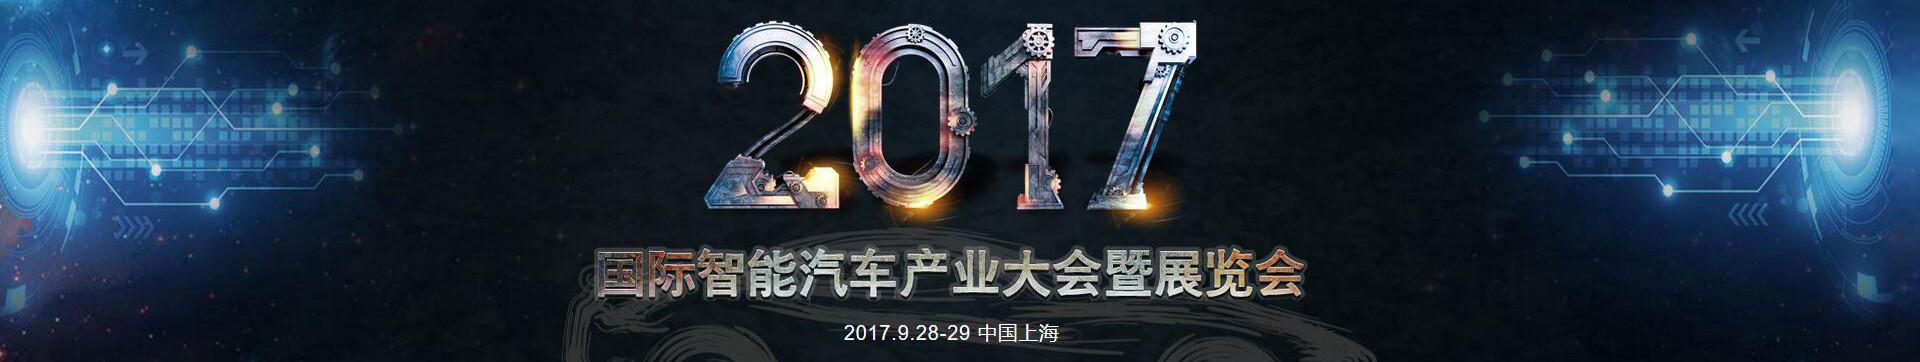 2017国际智能汽车产业大会